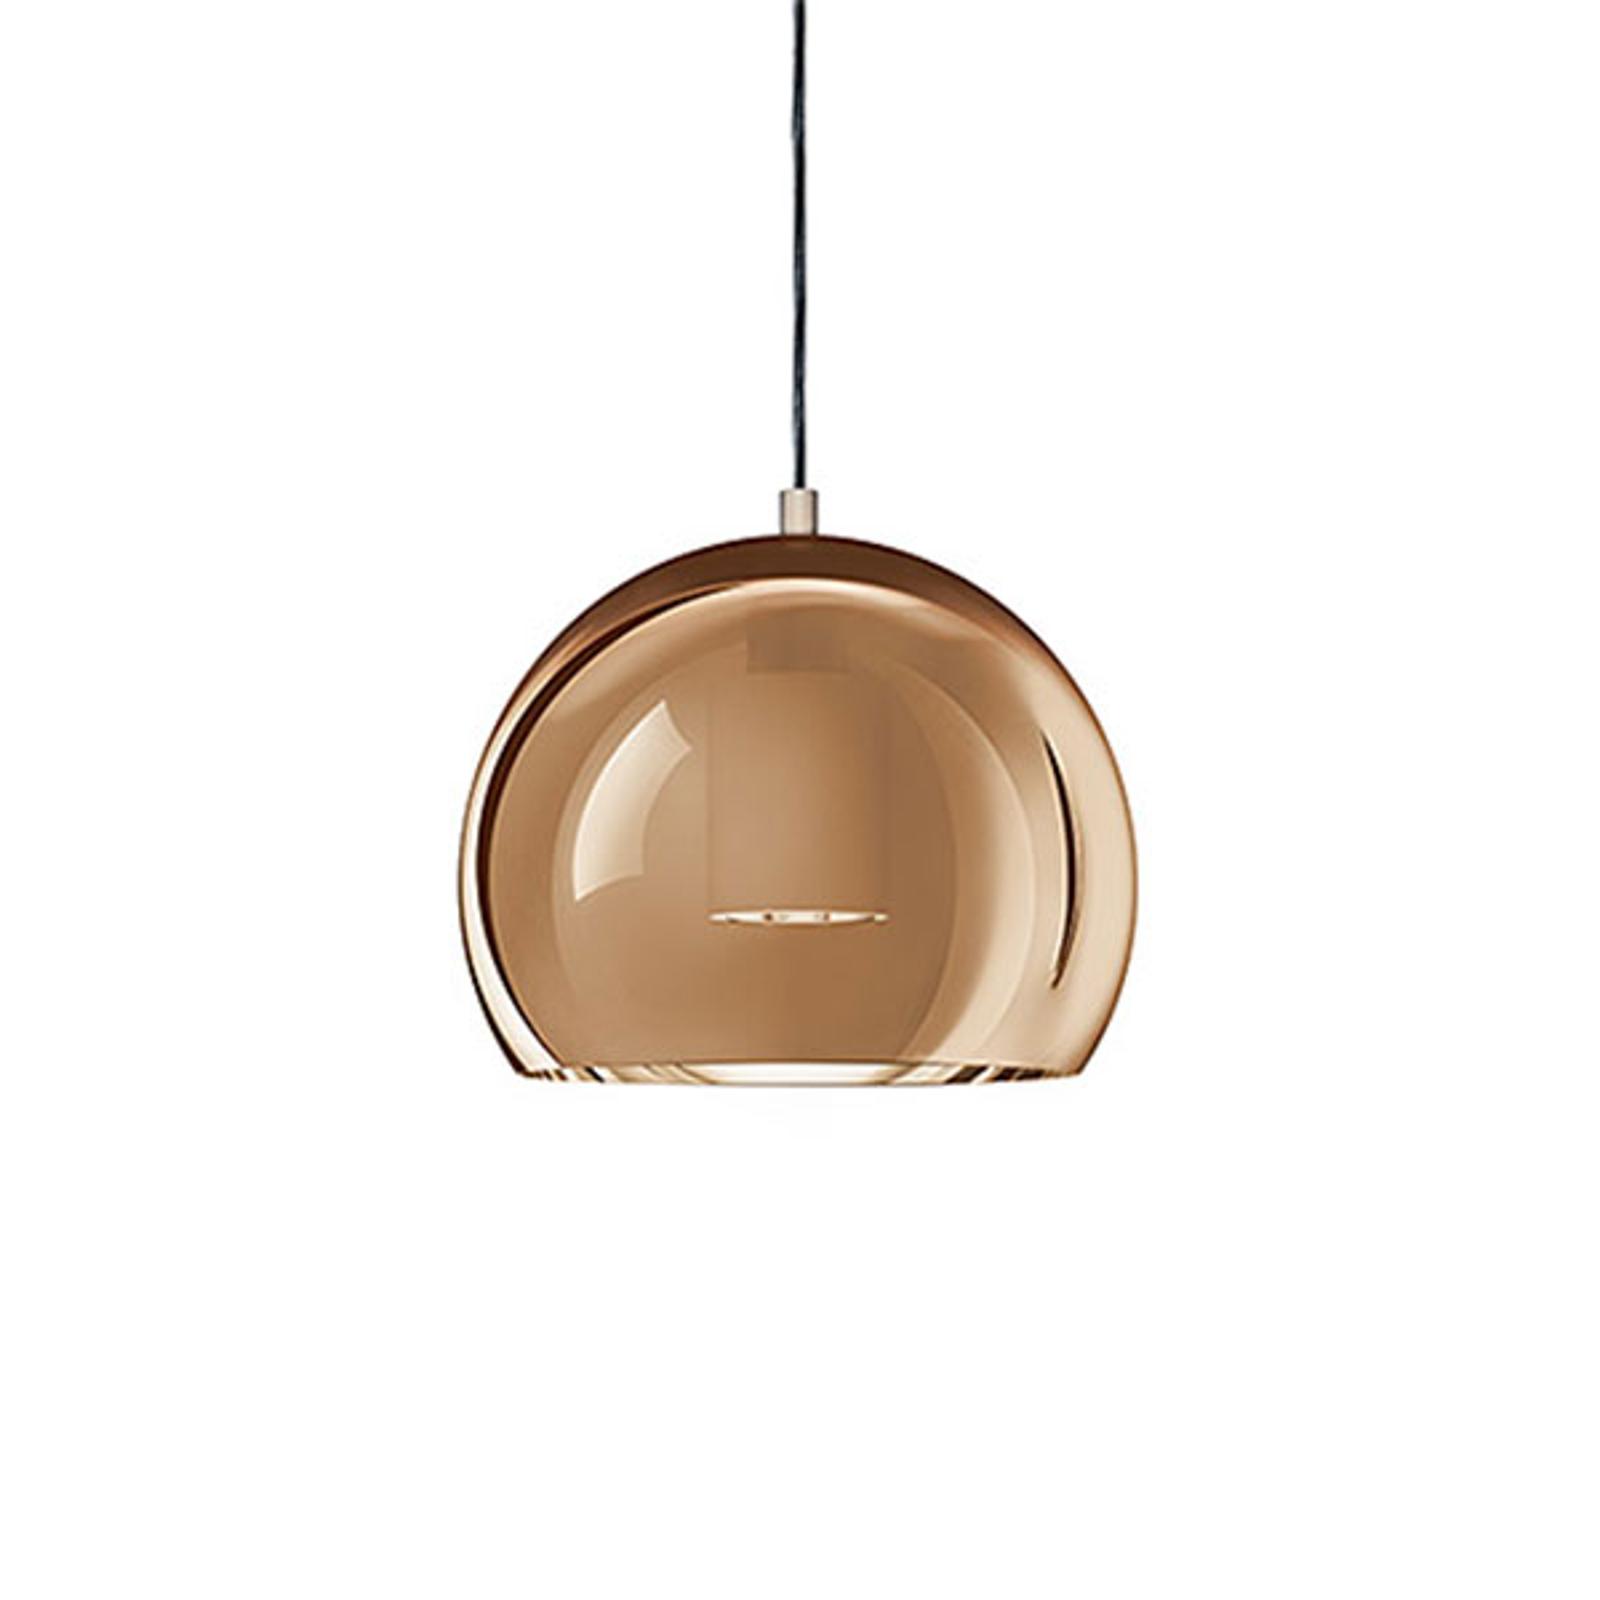 Zumtobel Sconfine Sfera LED-Hängelampe 25cm bronze